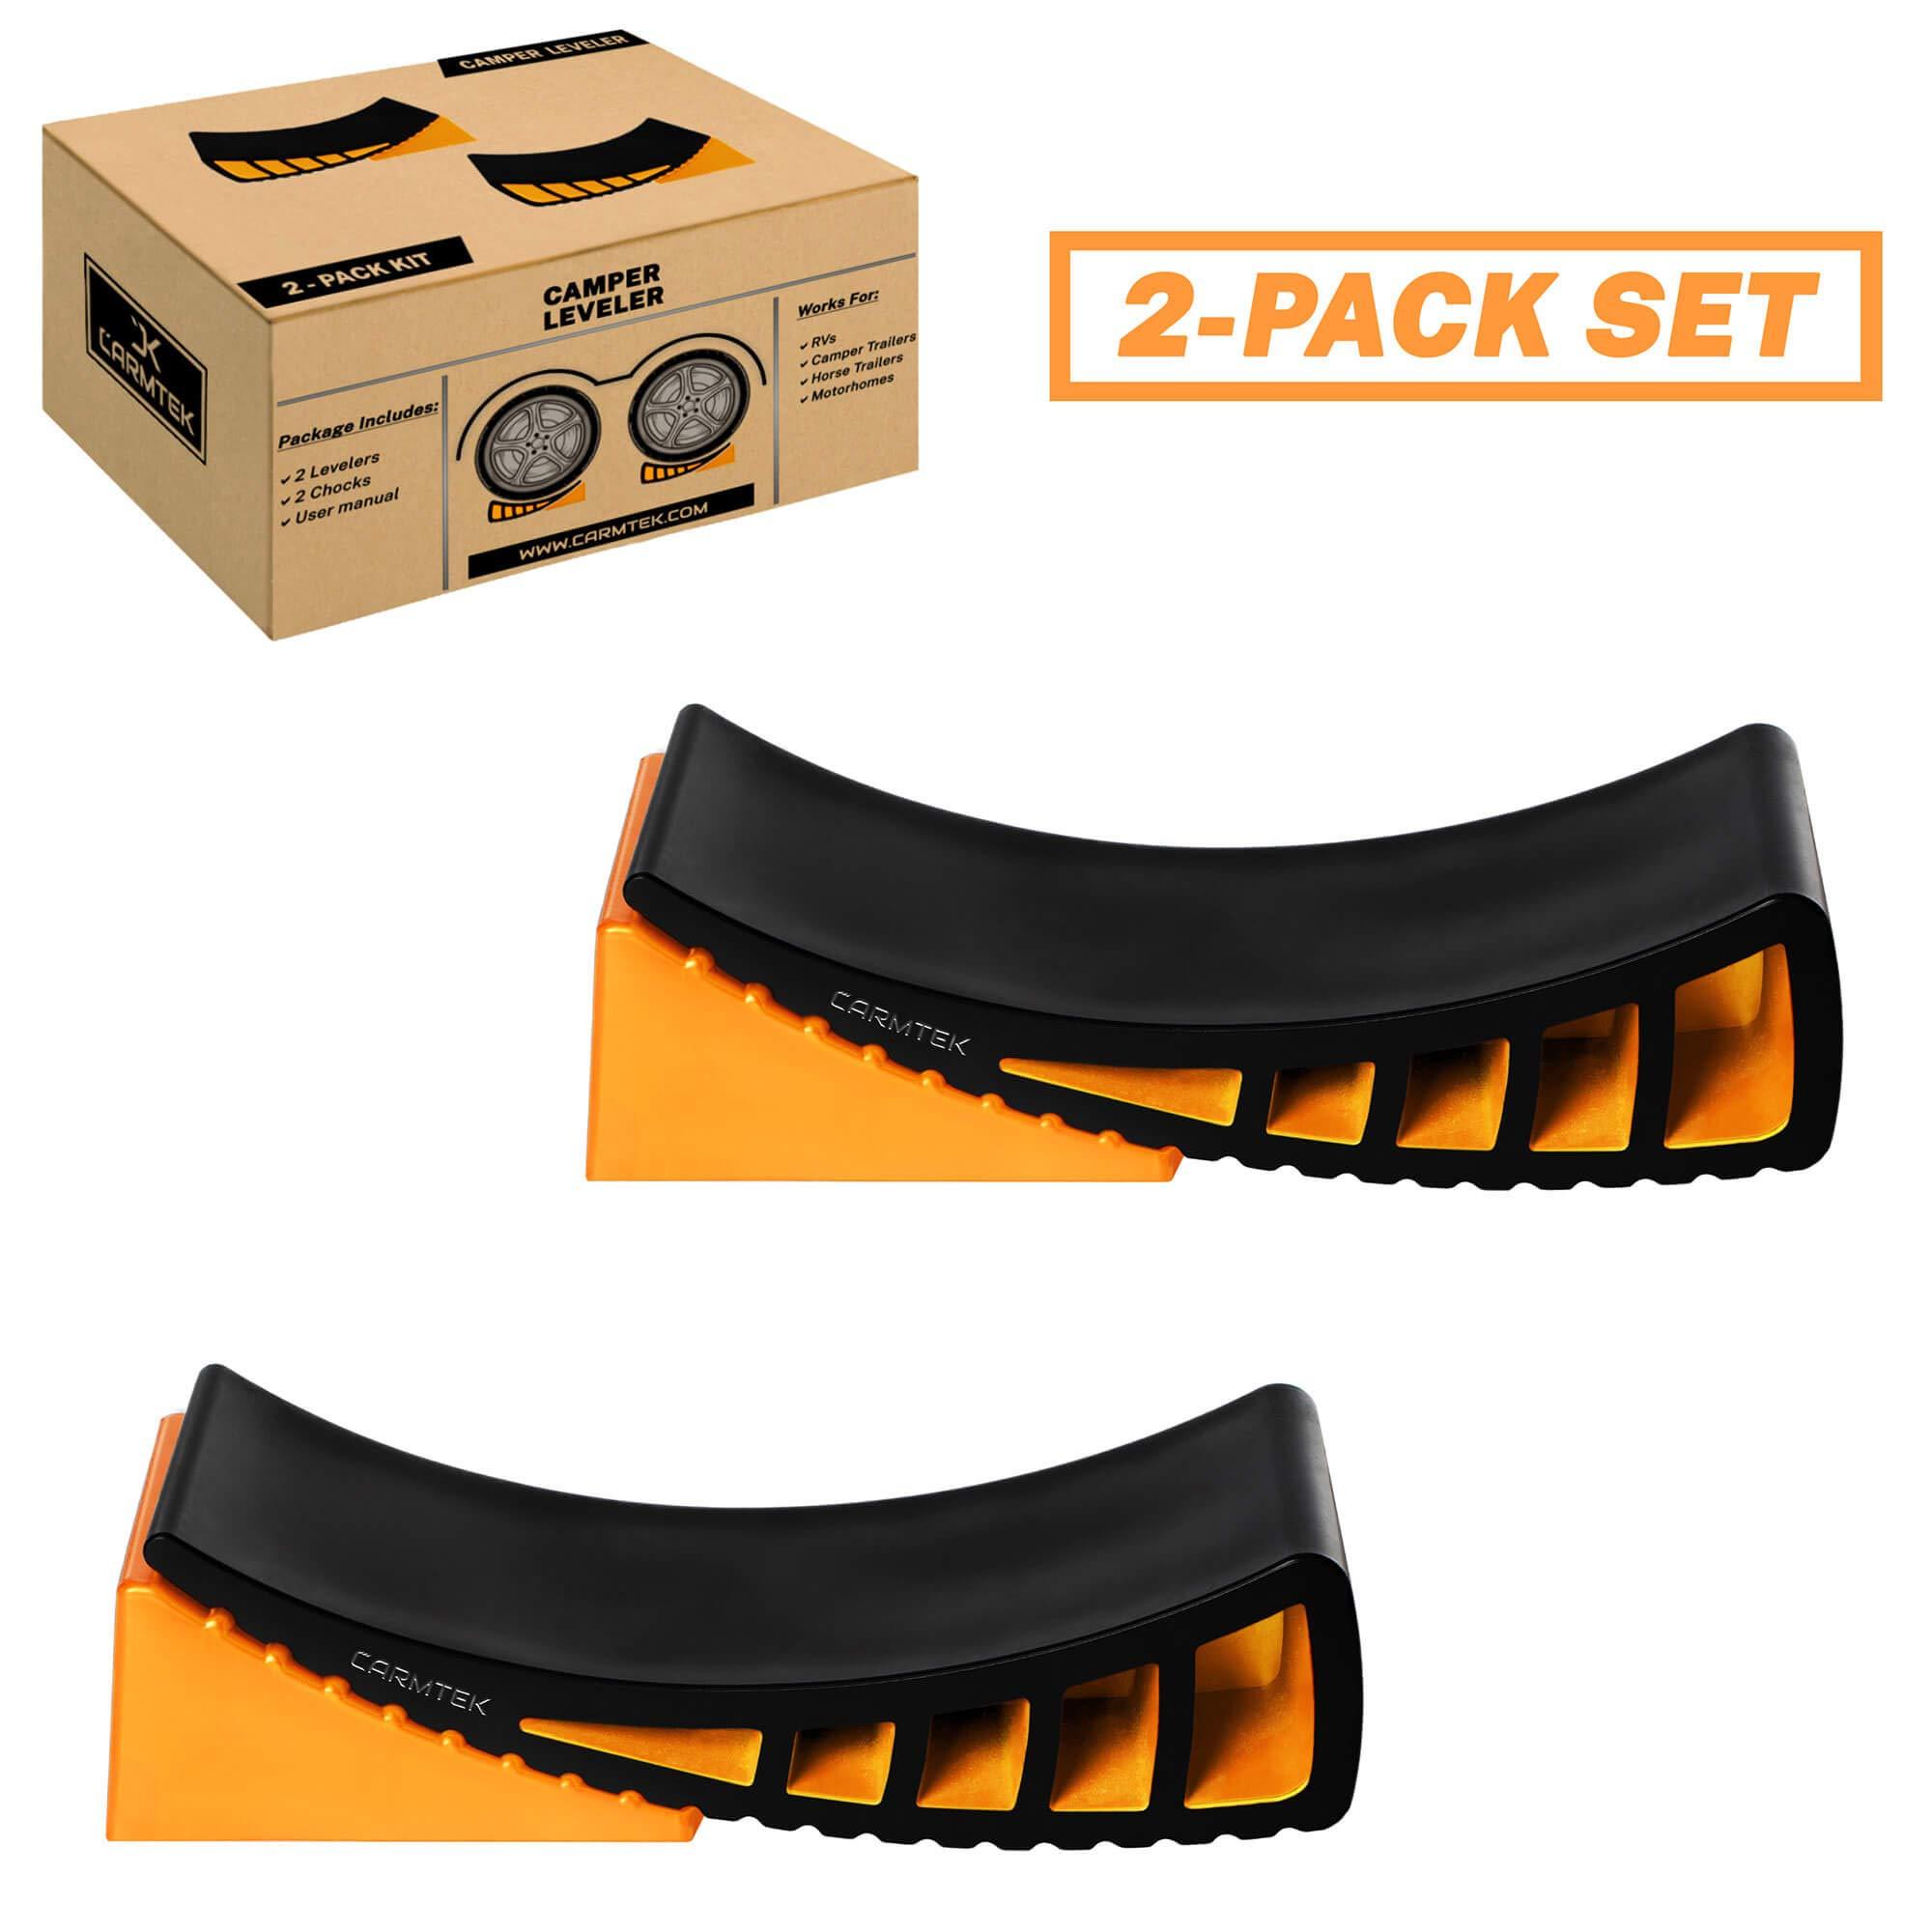 CARMTEK Camper Leveler Kit - Curved RV Levelers with Camper Wheel Chocks for Travel Trailers | Faster Camper Leveling Than RV Leveling Blocks (2 Pack)